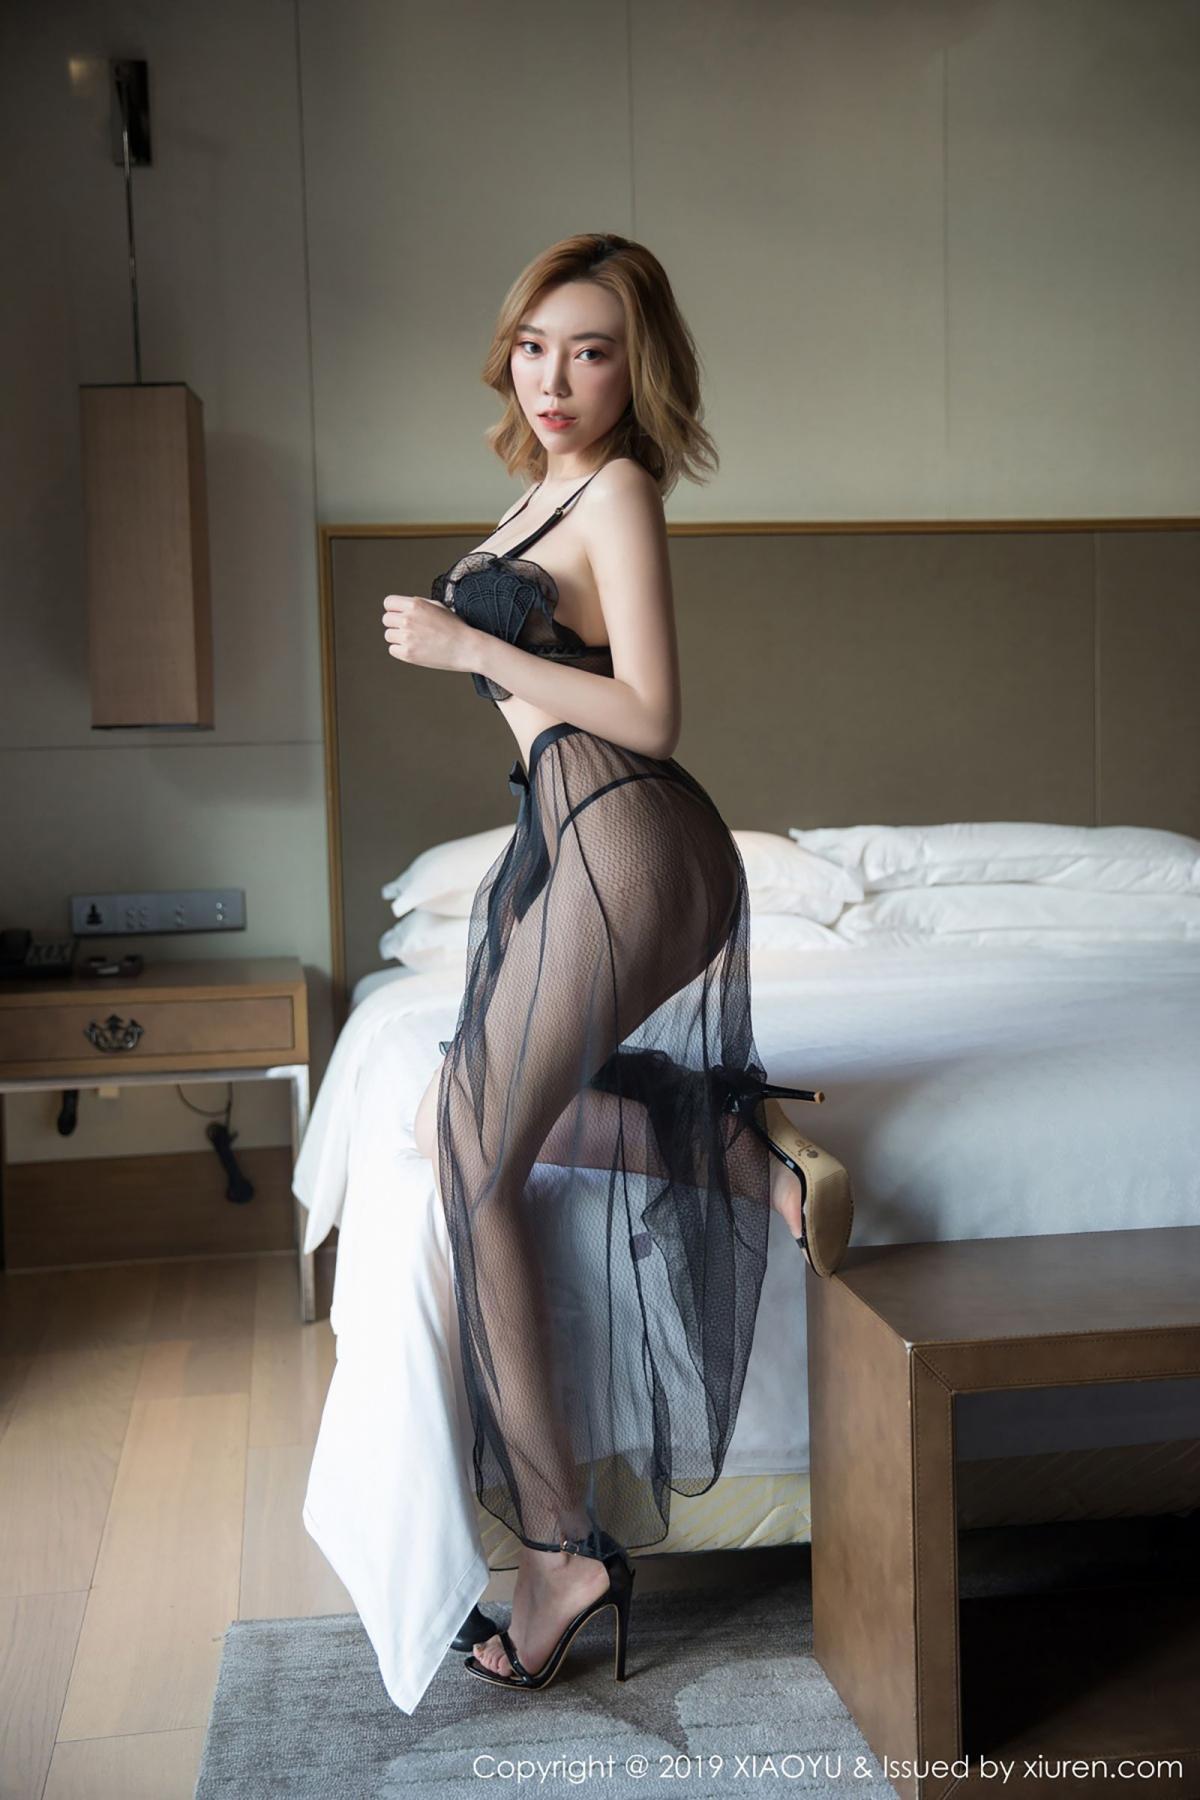 [XiaoYu] Vol.050 Hanyao Meng 10P, Black Silk, Meng Han Yao, Underwear, XiaoYu